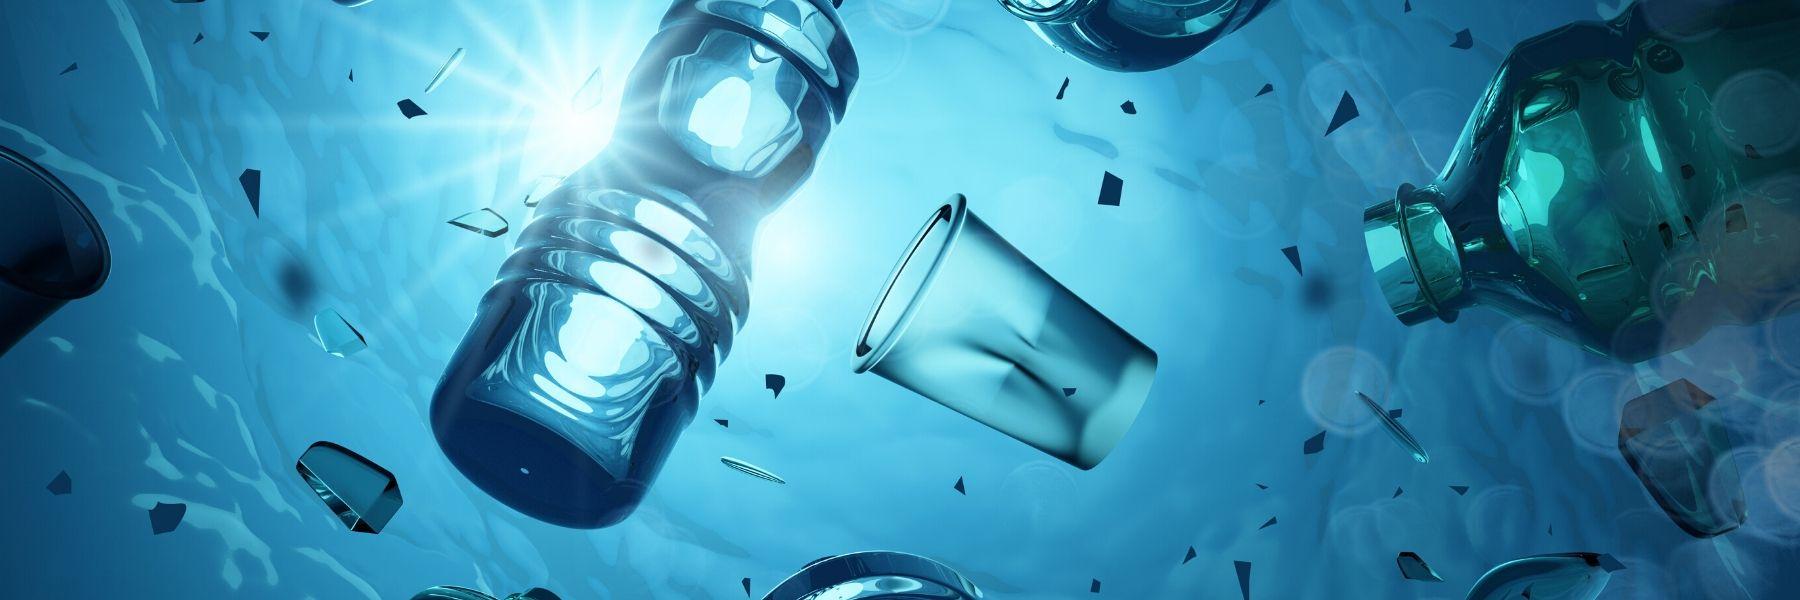 Fremlin Walk's Plastic Ocean Awareness Campaign